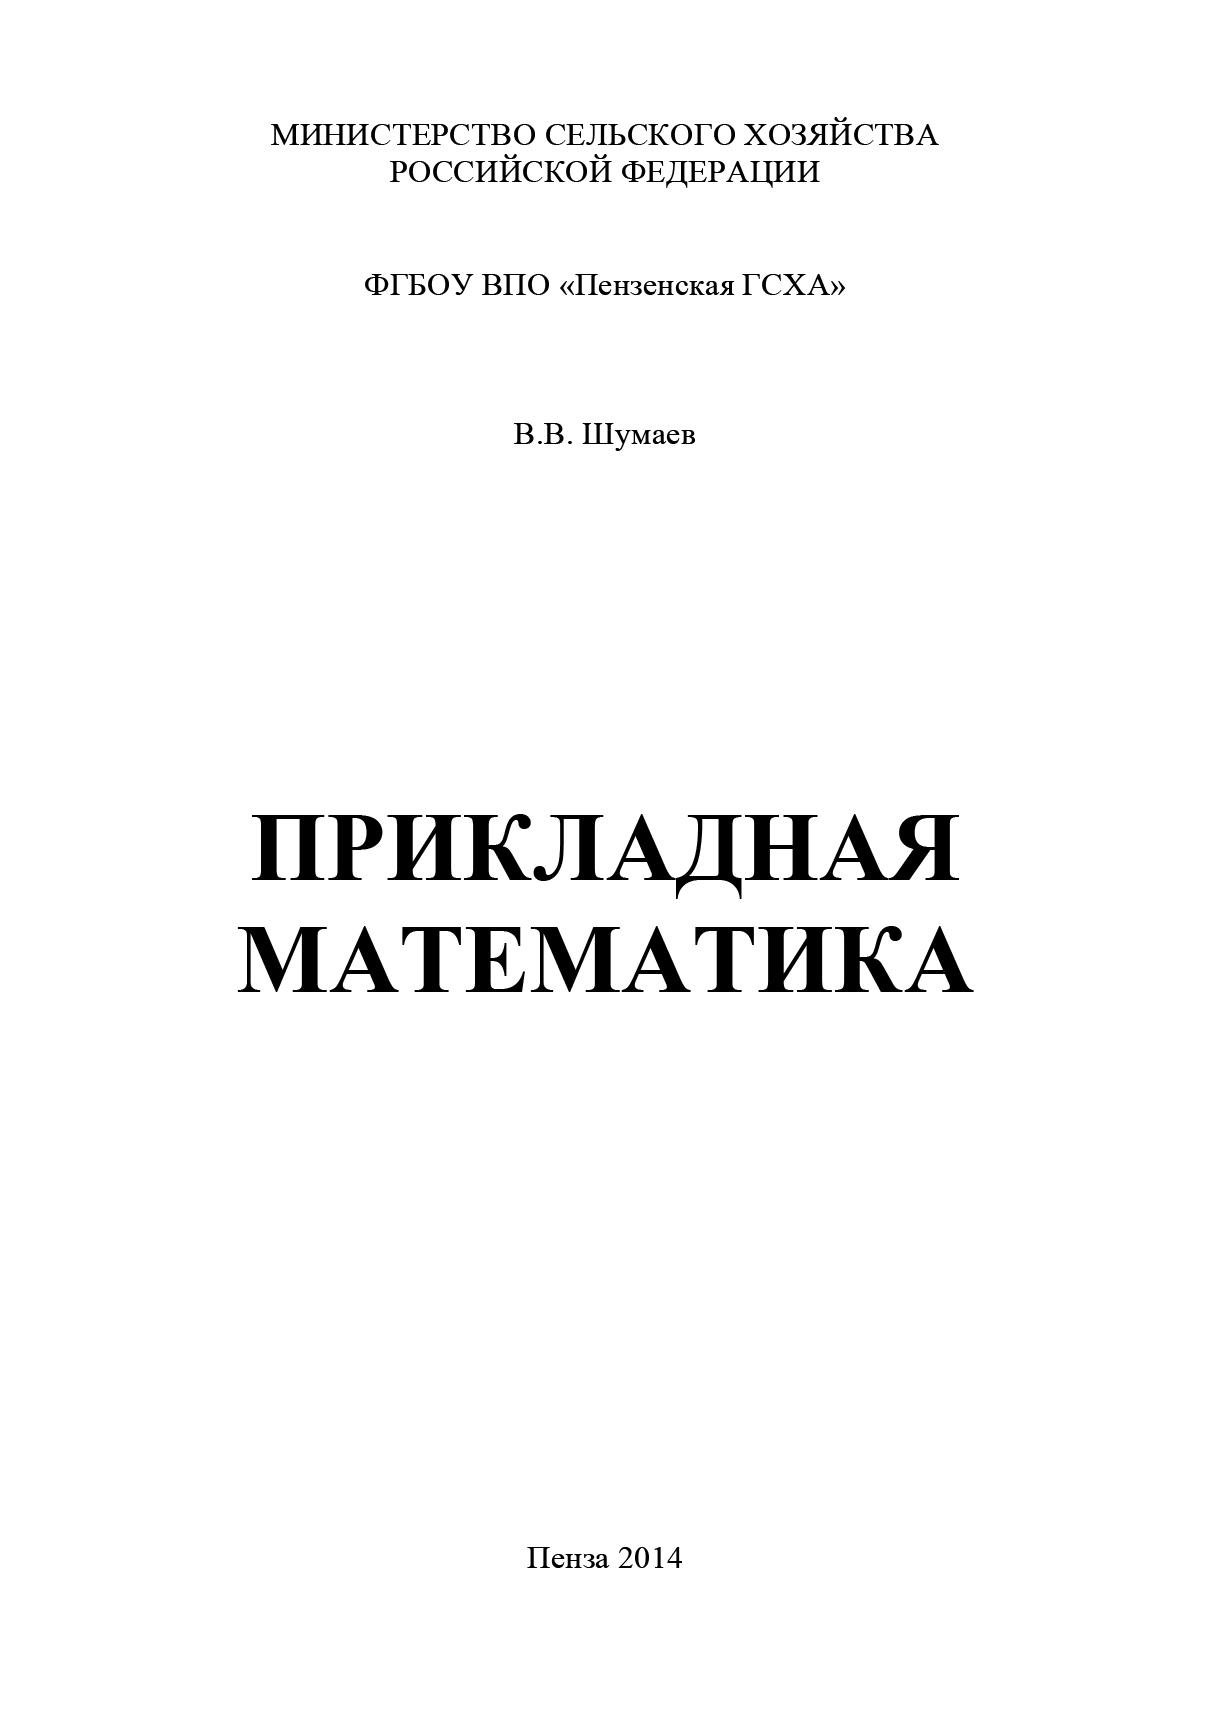 Василий Шумаев Прикладная математика а с чуйко в г шершнев финансовая математика учебное пособие